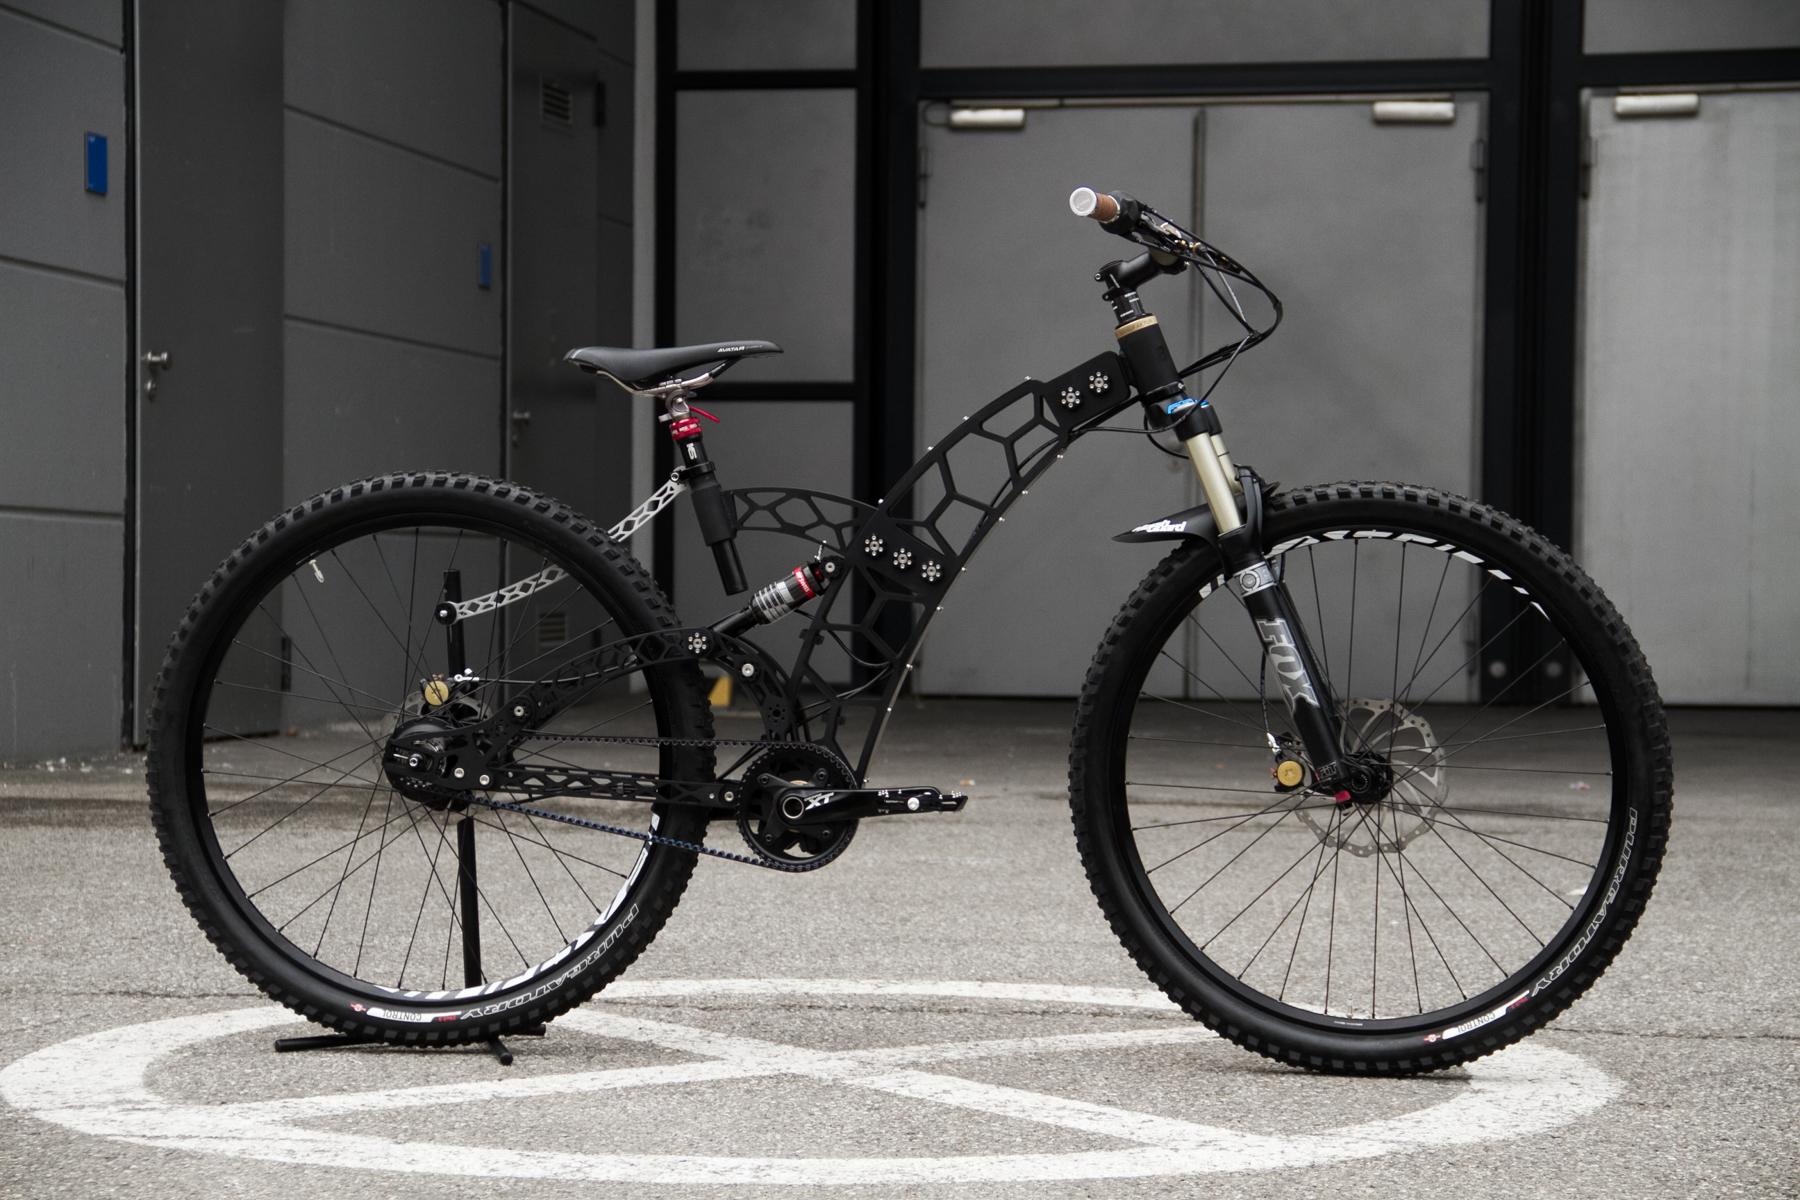 Eher was für den Showroom als den Trail! Dieses Bike lässt sich vom Hardtail in ein Fully verwandeln. Größe und Geometrie können ebenfalls verstellt werden.